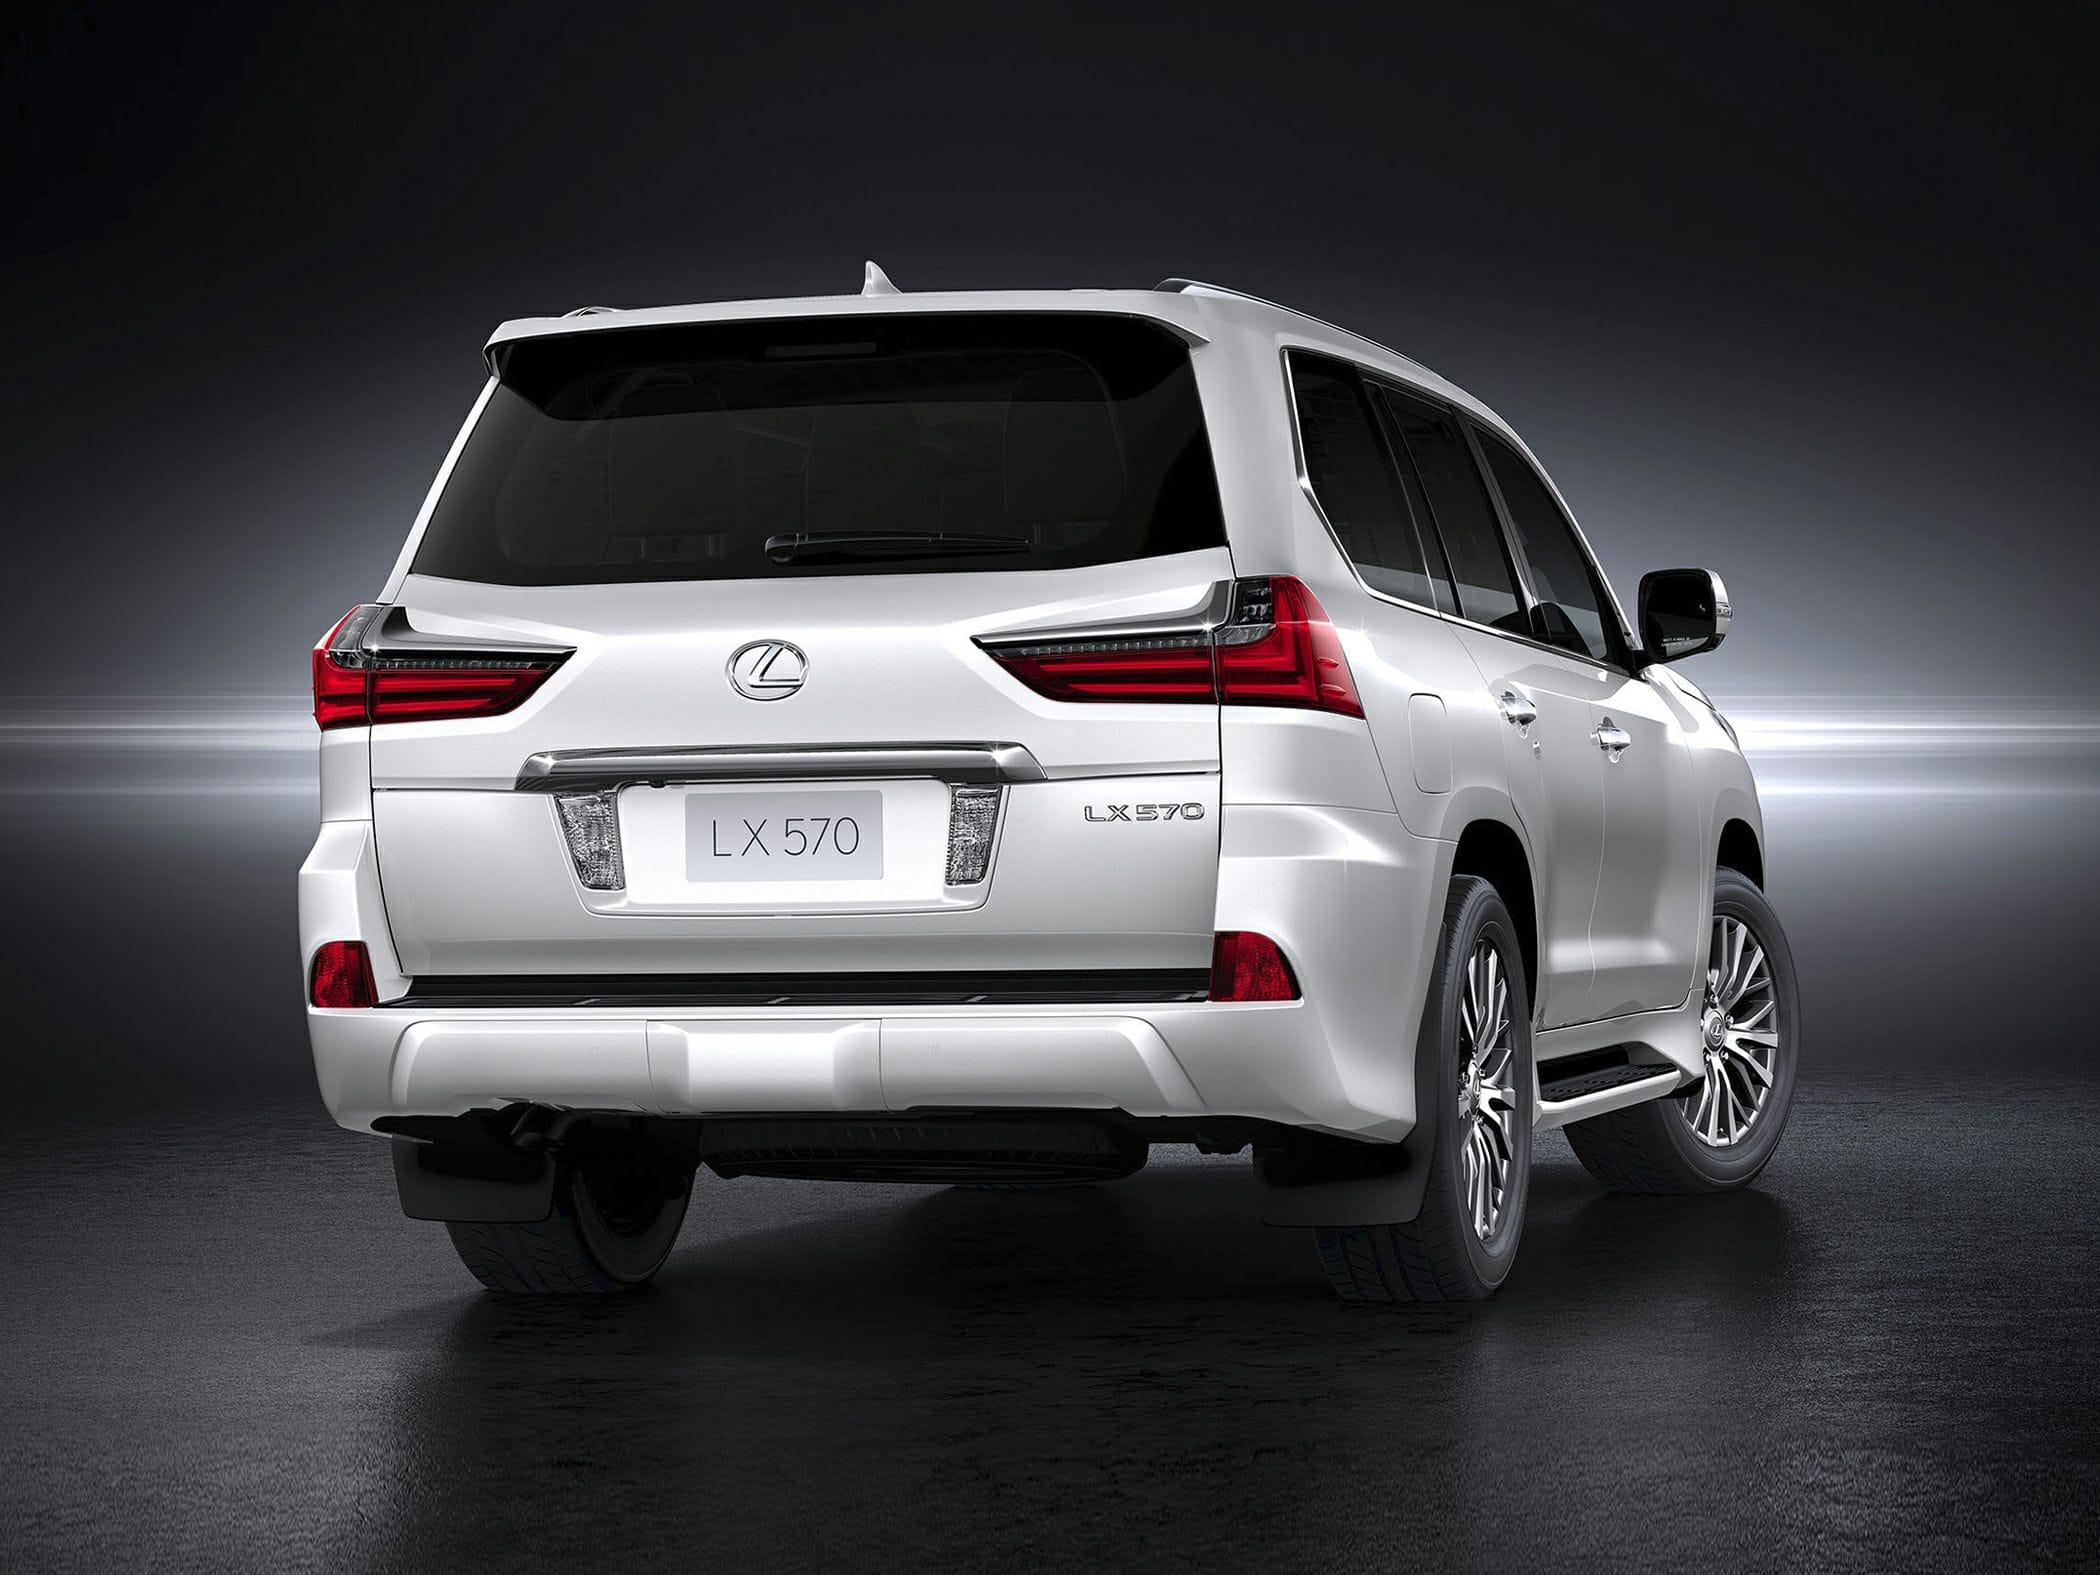 Lexus LX 570 FL Widescreen for desktop